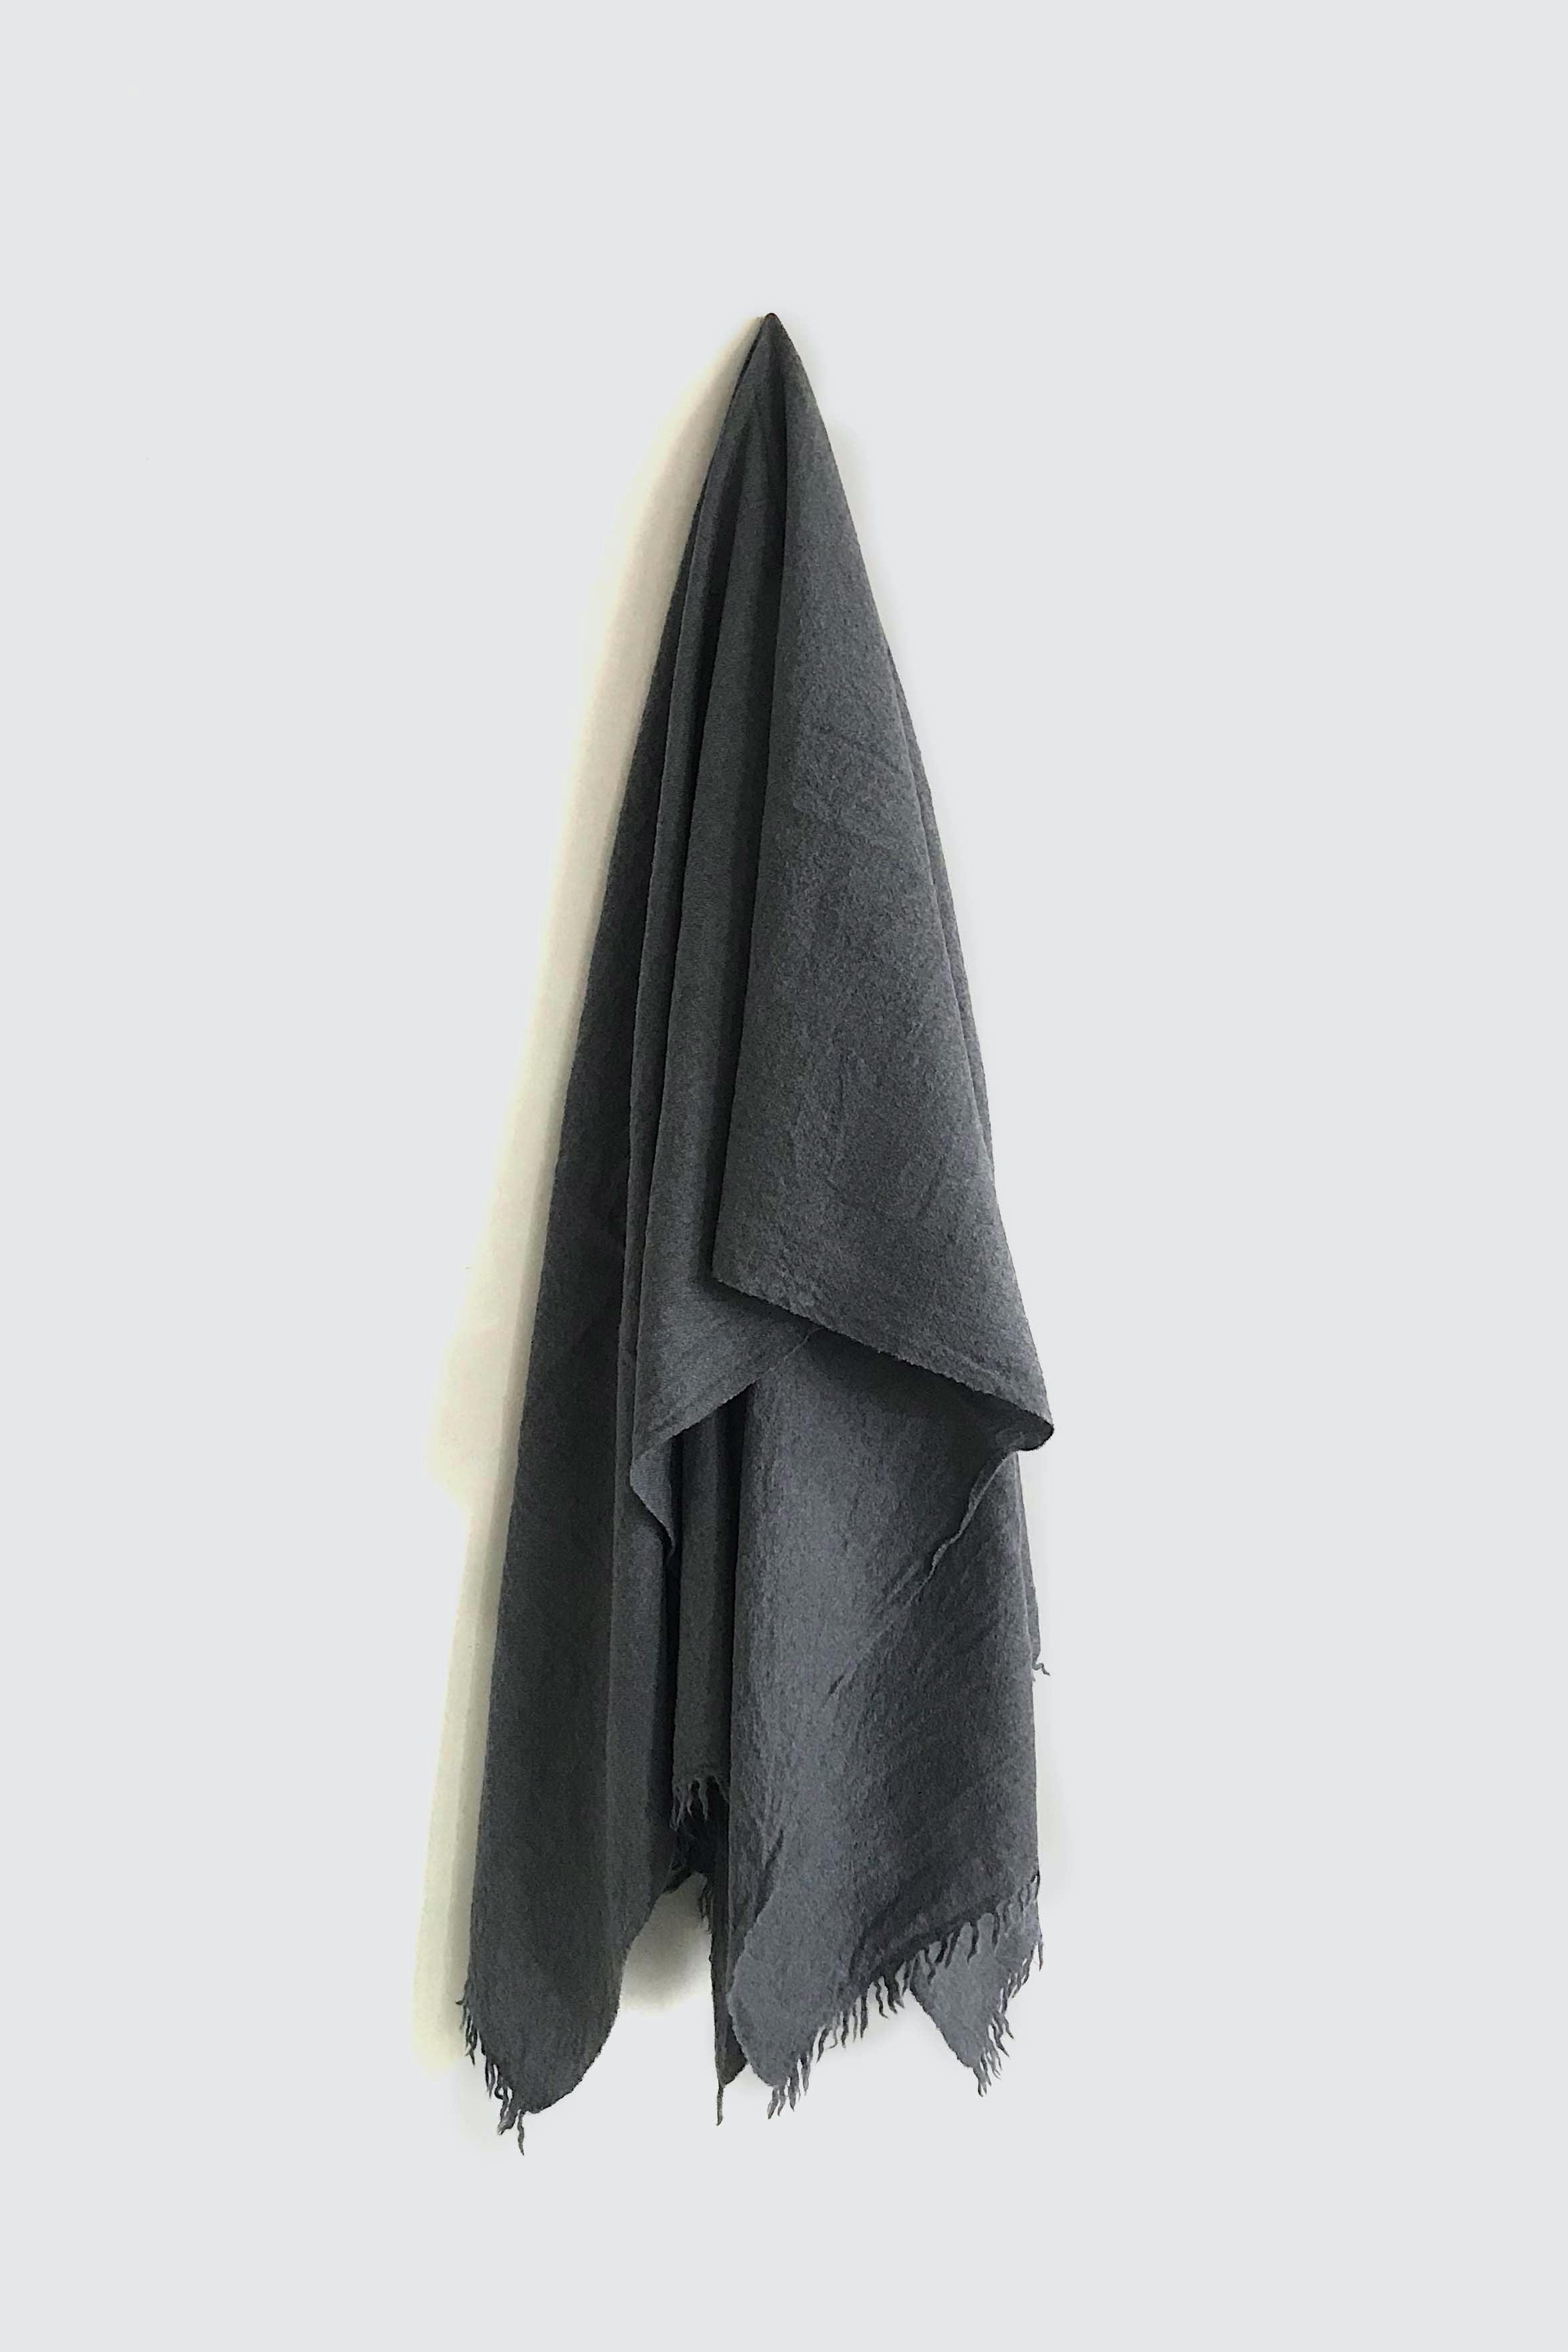 01471-1 muji stole / gray